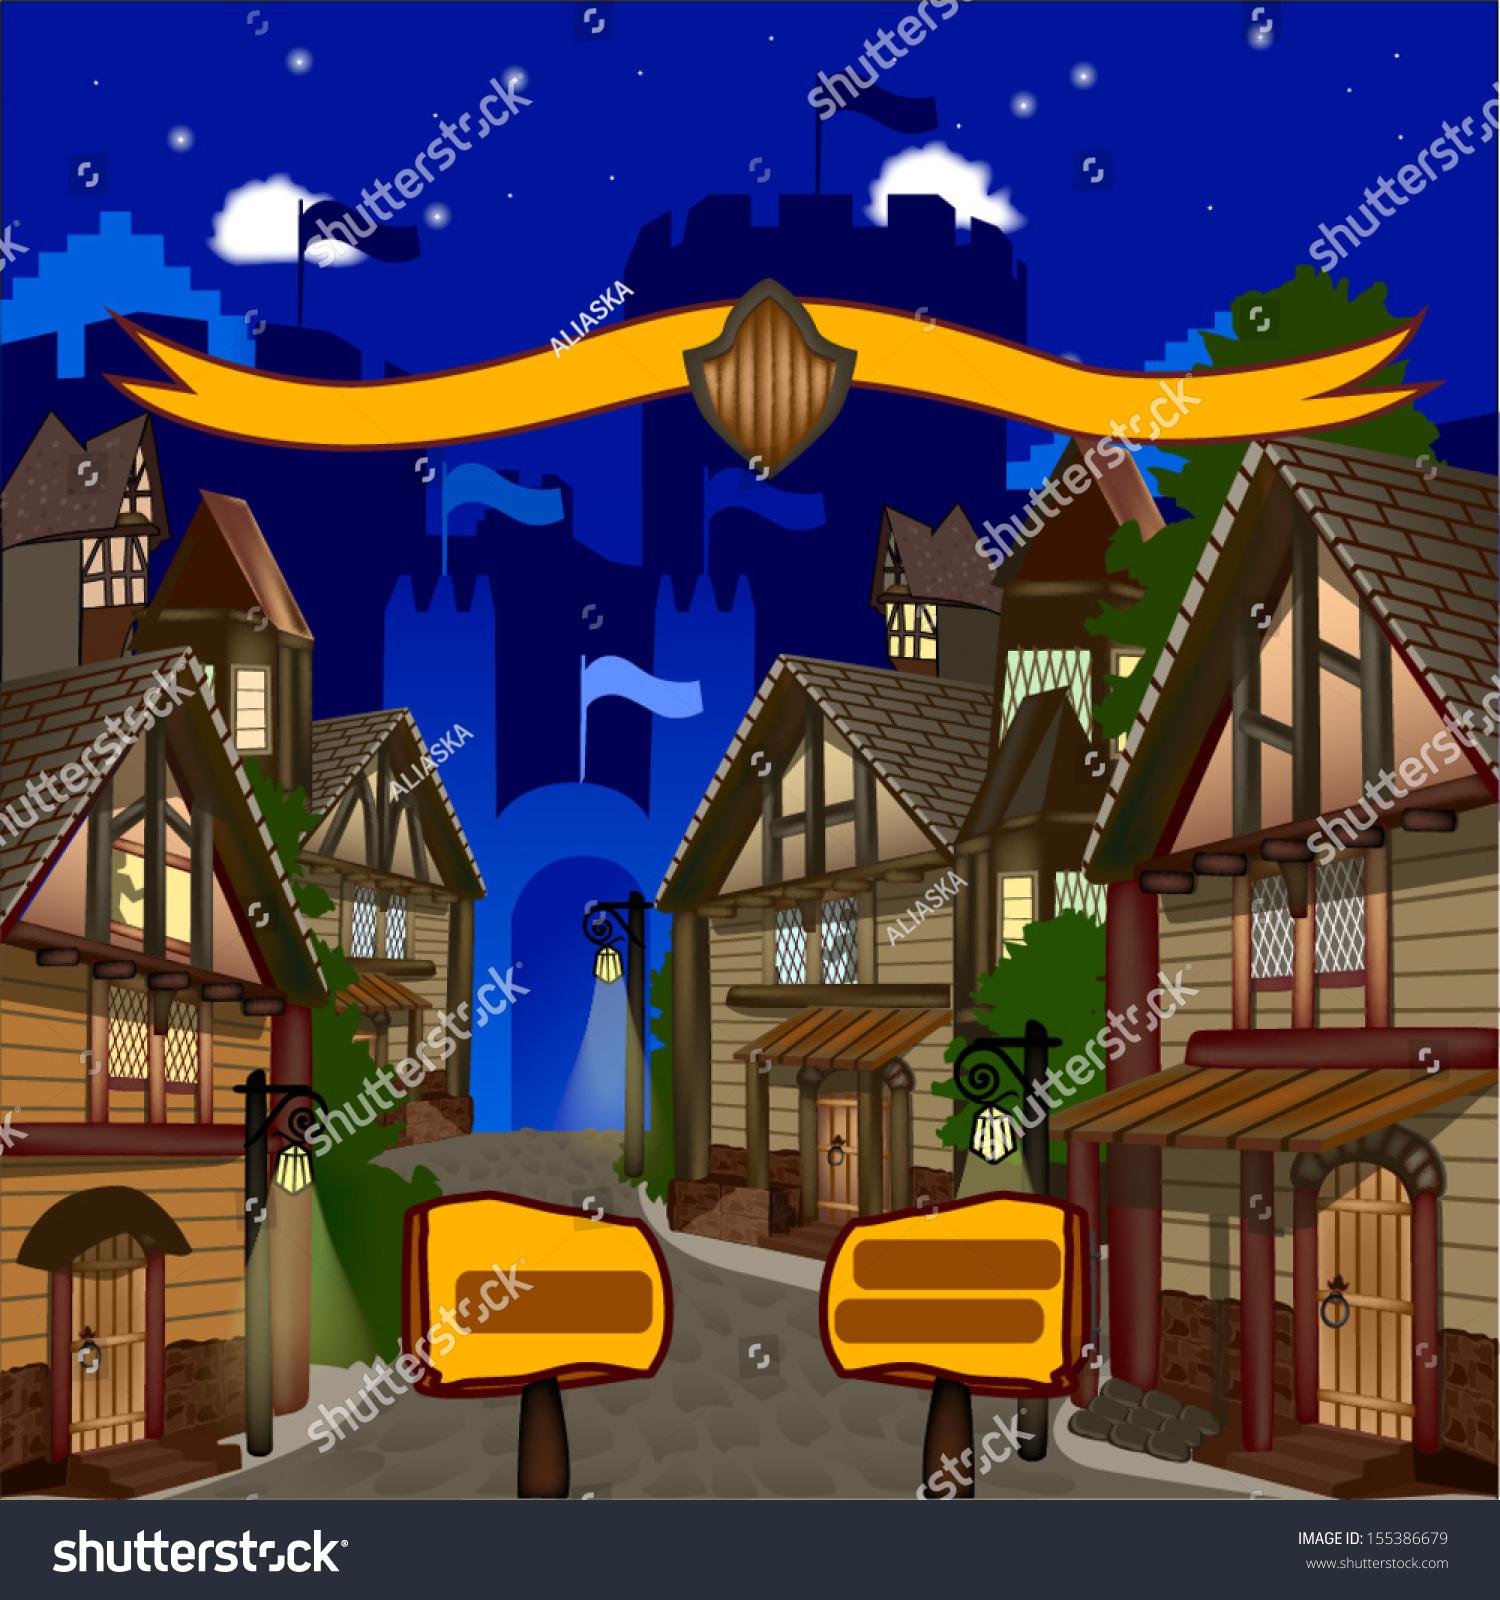 中世纪小镇的街道骑士的背景与旗帜的城堡.-建筑物